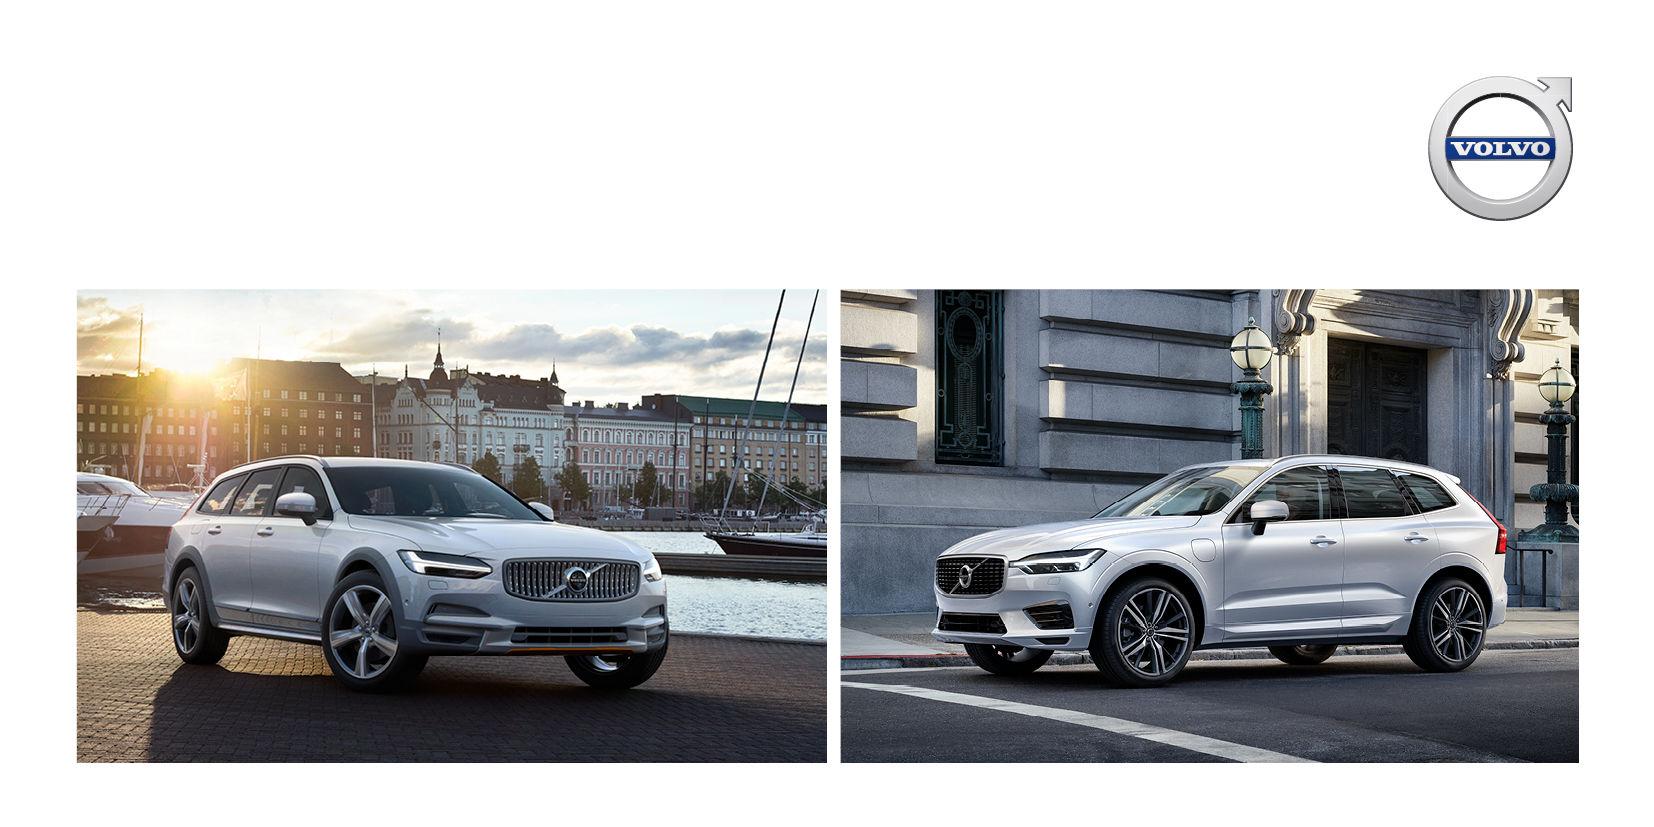 Volvo XC60 та V90 Cross Country номінанти на звання Автомобіль Року 2018 - офіційний представник Winner в Україні